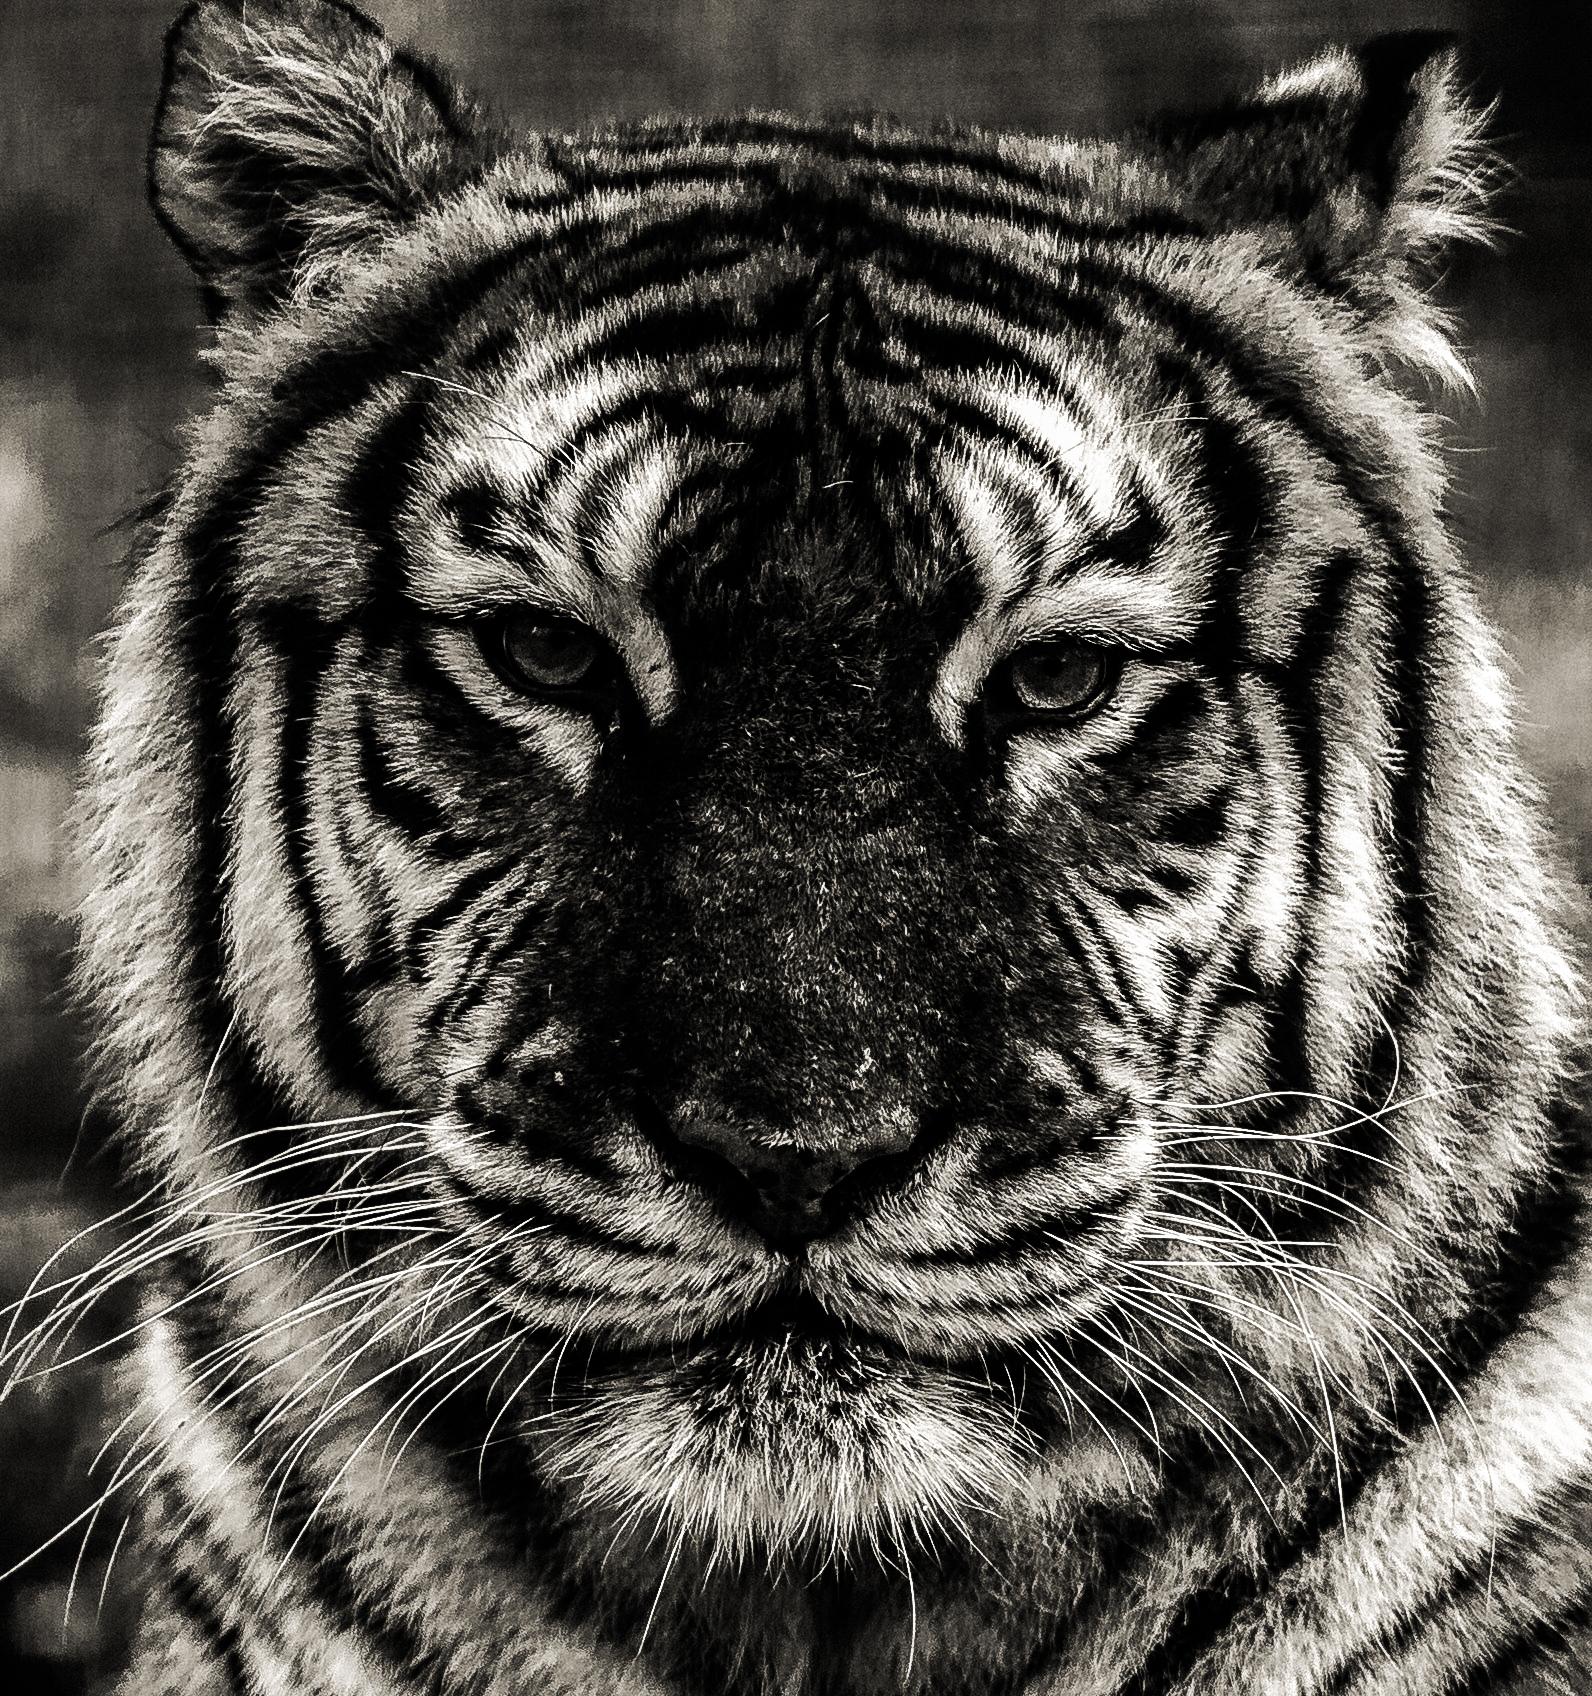 debadier_the tiger